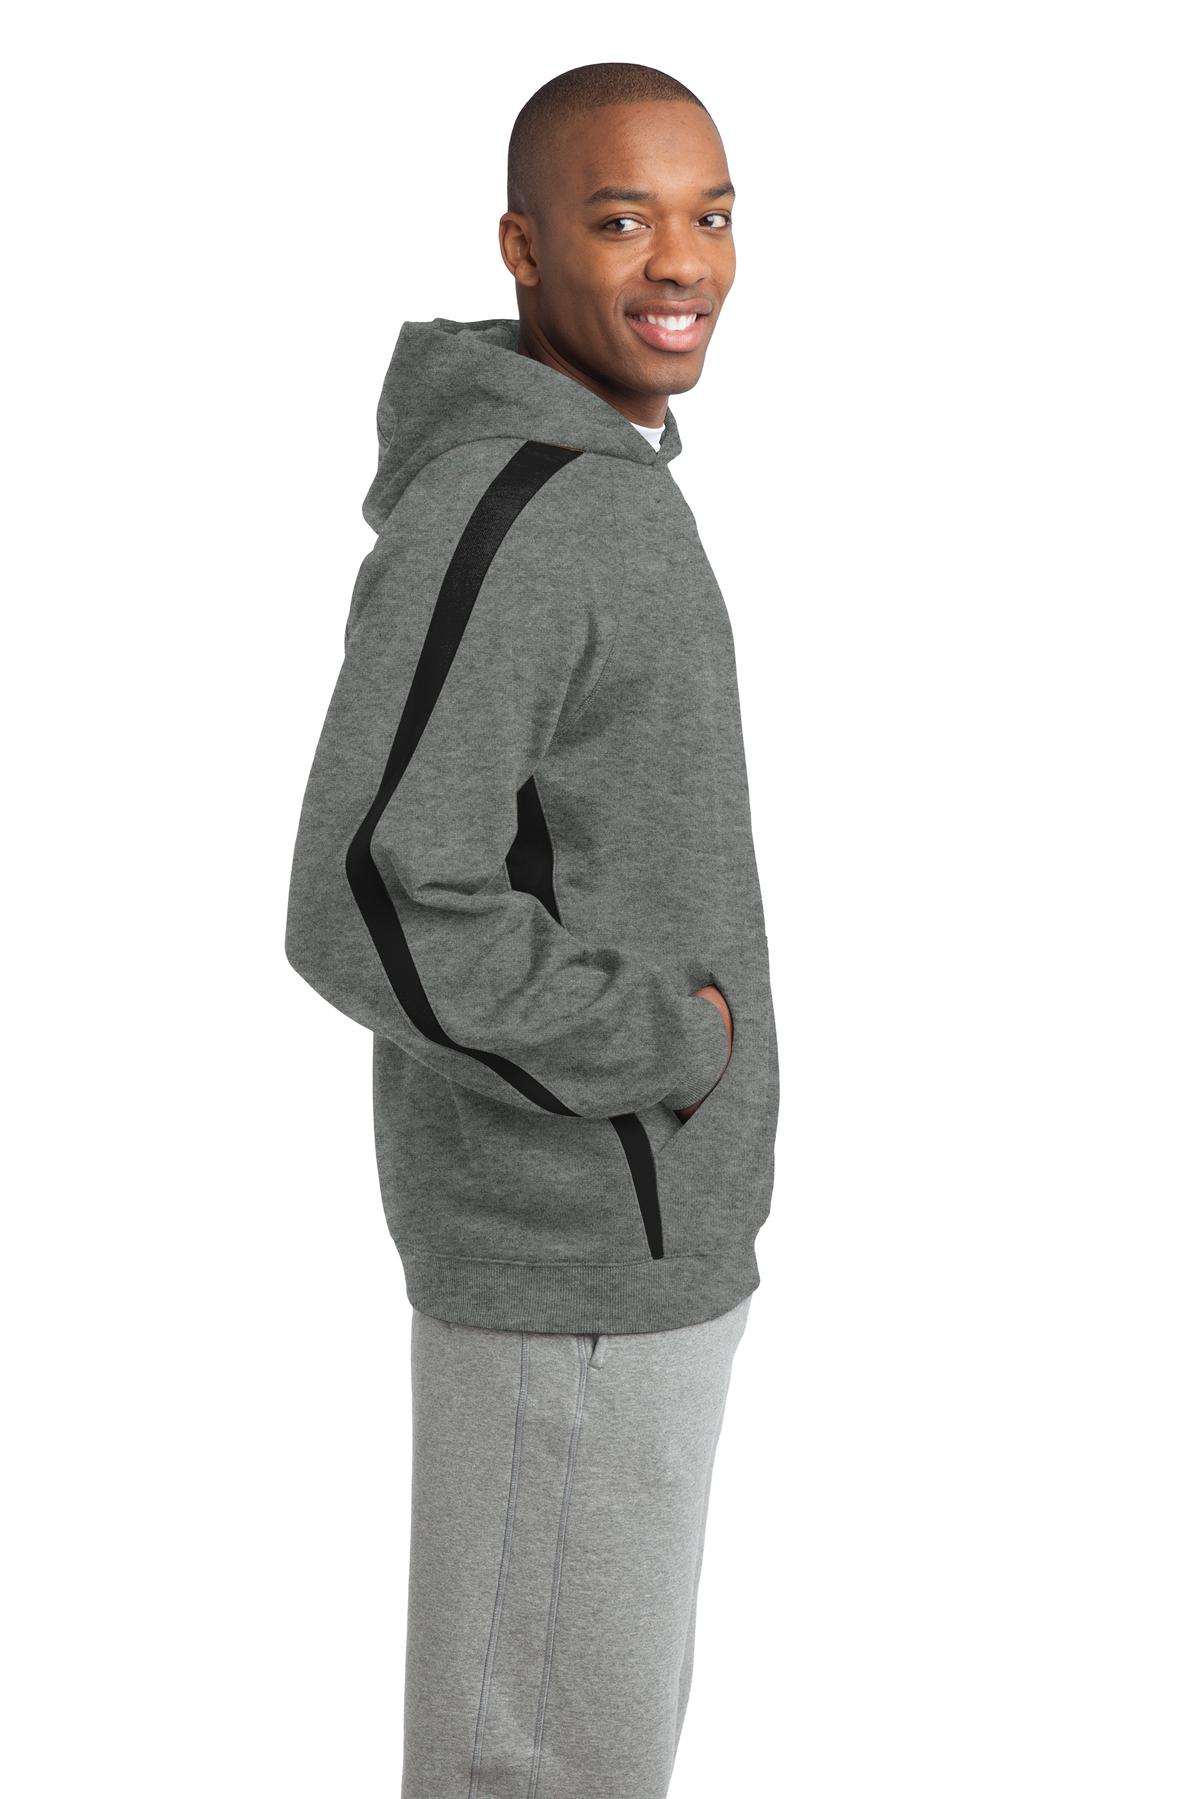 SPORT-TEK Mens Sleeve Stripe Pullover Hooded Sweatshirt